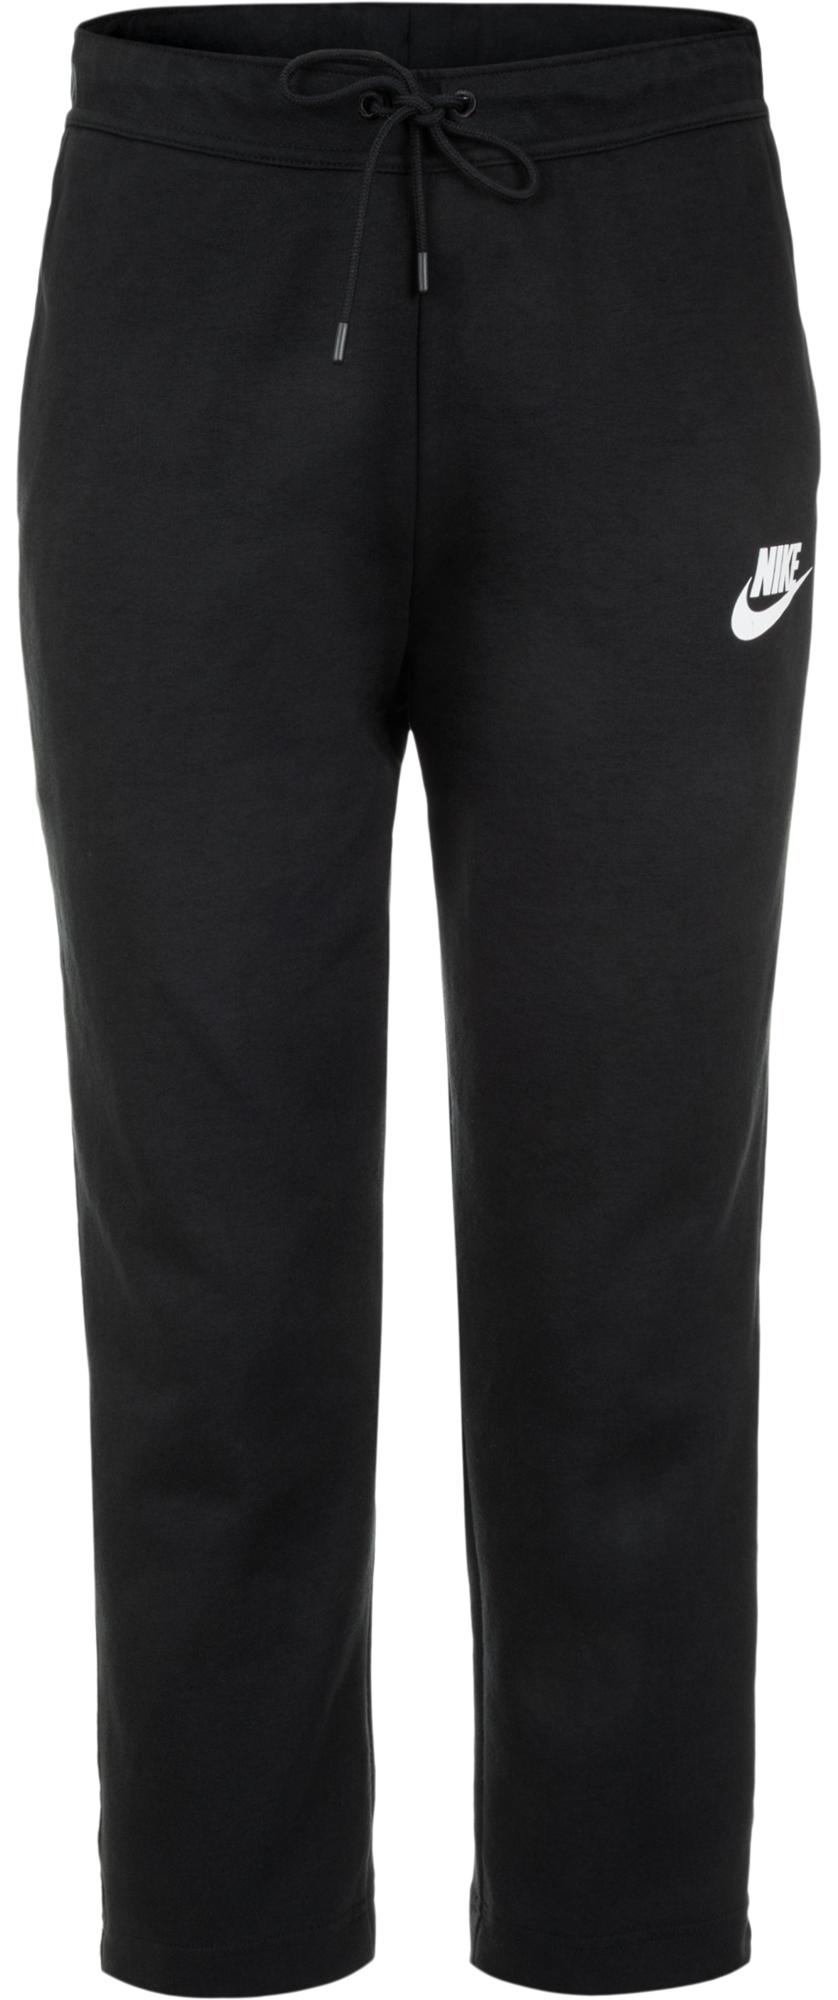 Nike Брюки женские Nike Sportswear, размер 46-48 nike брюки женские nike sportswear advance 15 размер 46 48